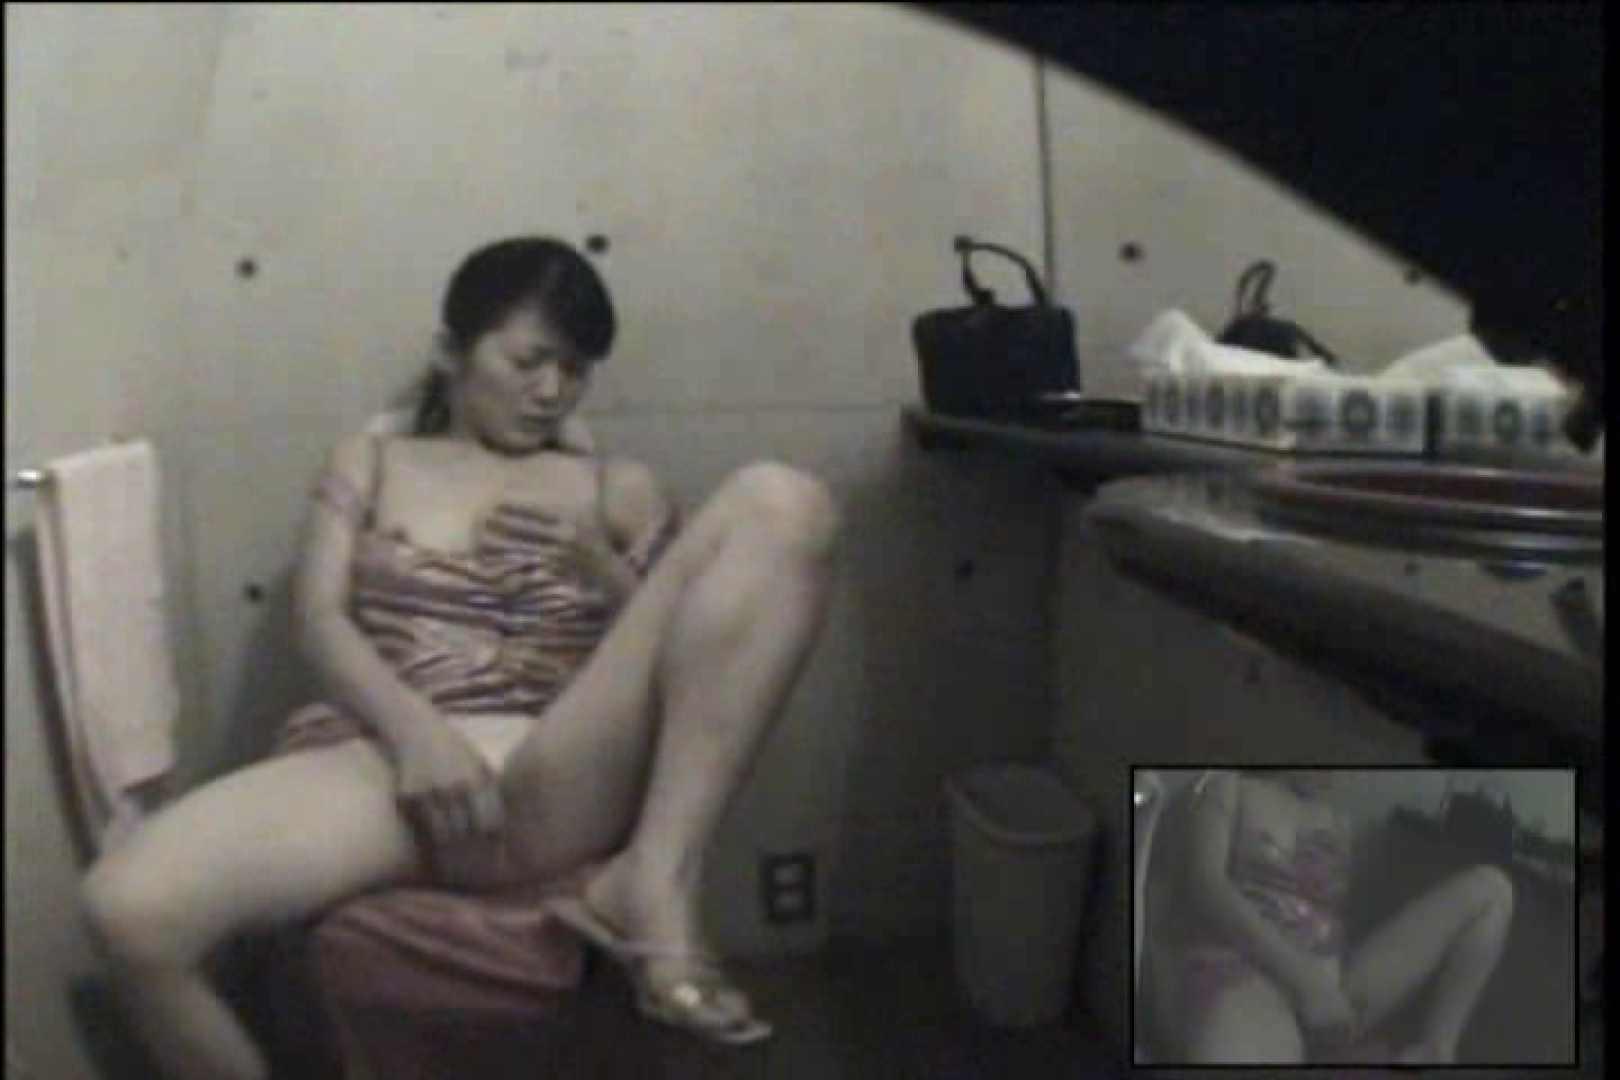 キャバ嬢は仕事の合間でもオナニーします!!Vol.7 オナニーし放題 | 独身エッチOL  76pic 59